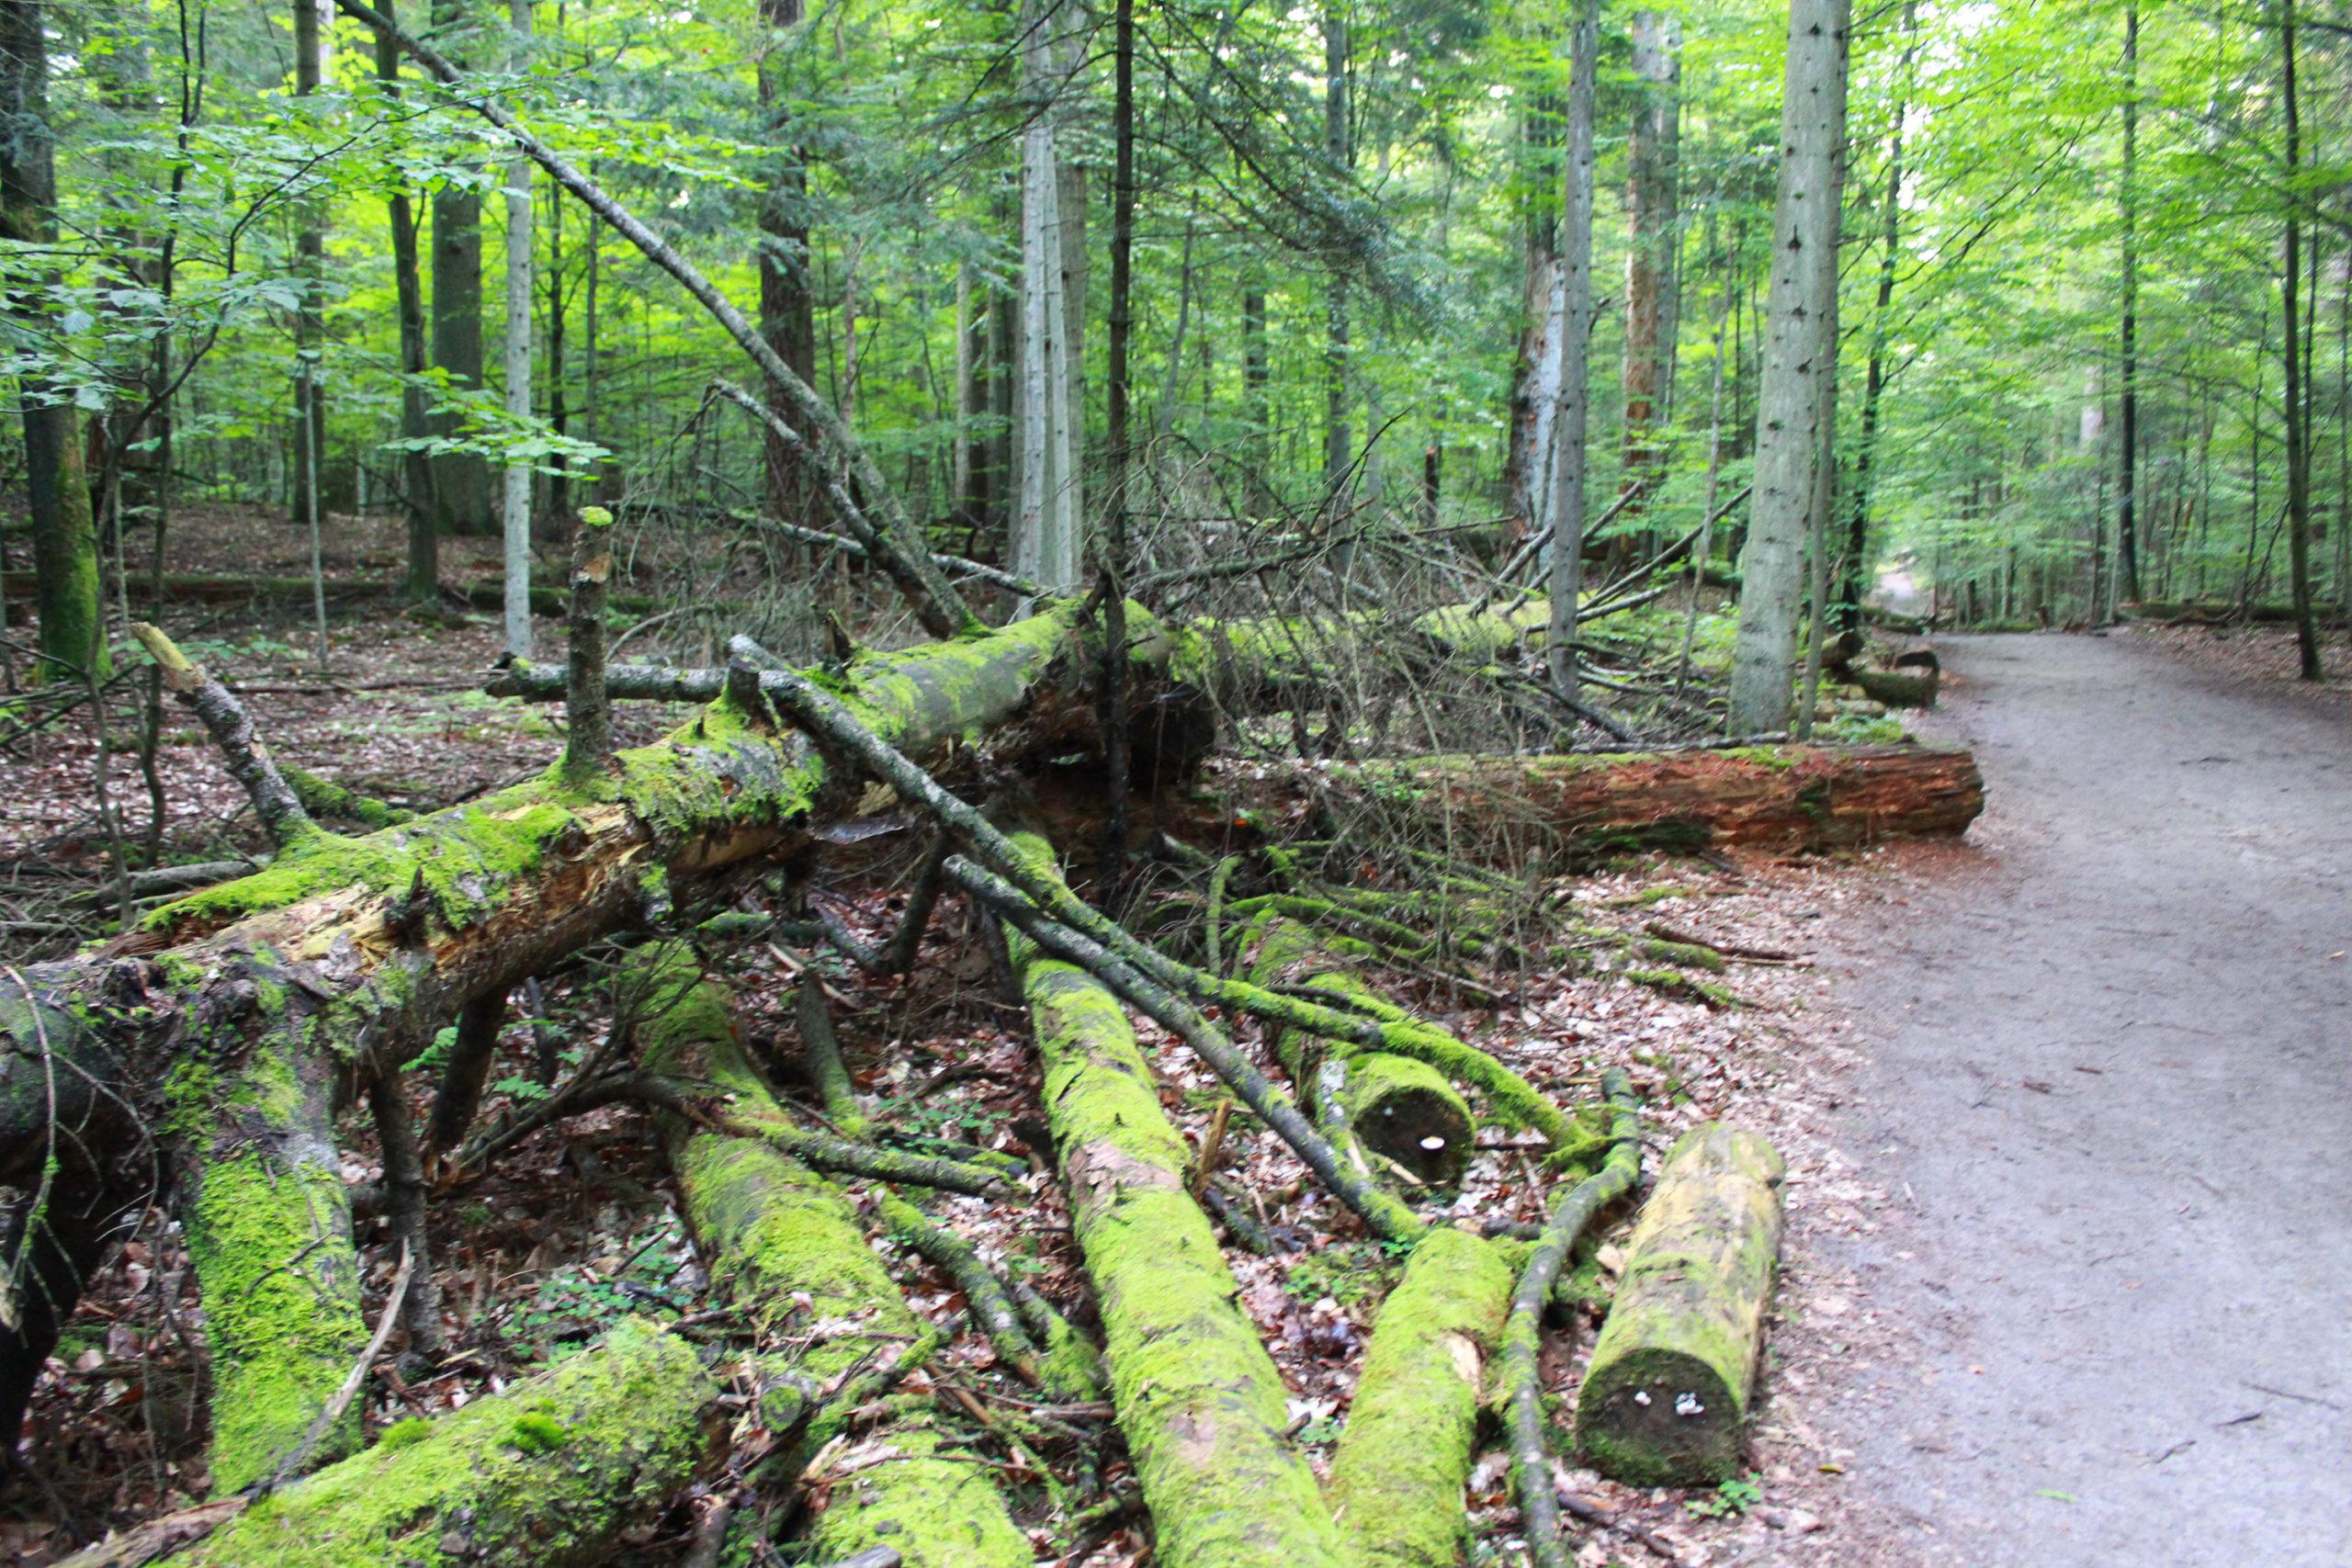 obalone pnie drzew